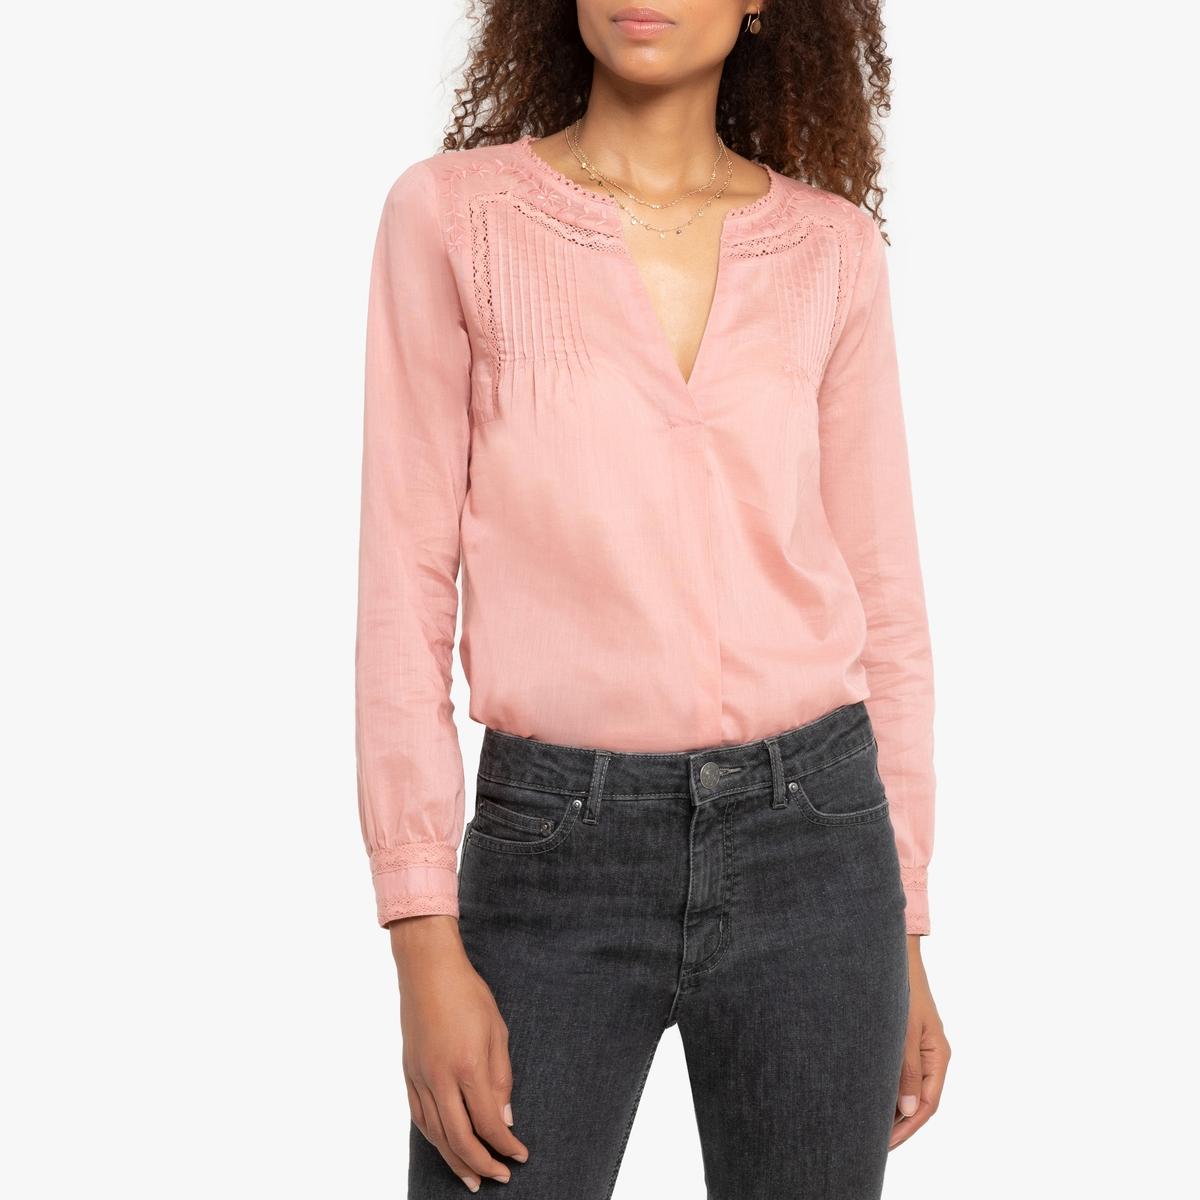 Блузка La Redoute С длинными рукавами и круглым вырезом с разрезом спереди Tolaa M розовый футболка с круглым вырезом с длинными рукавами с воланом